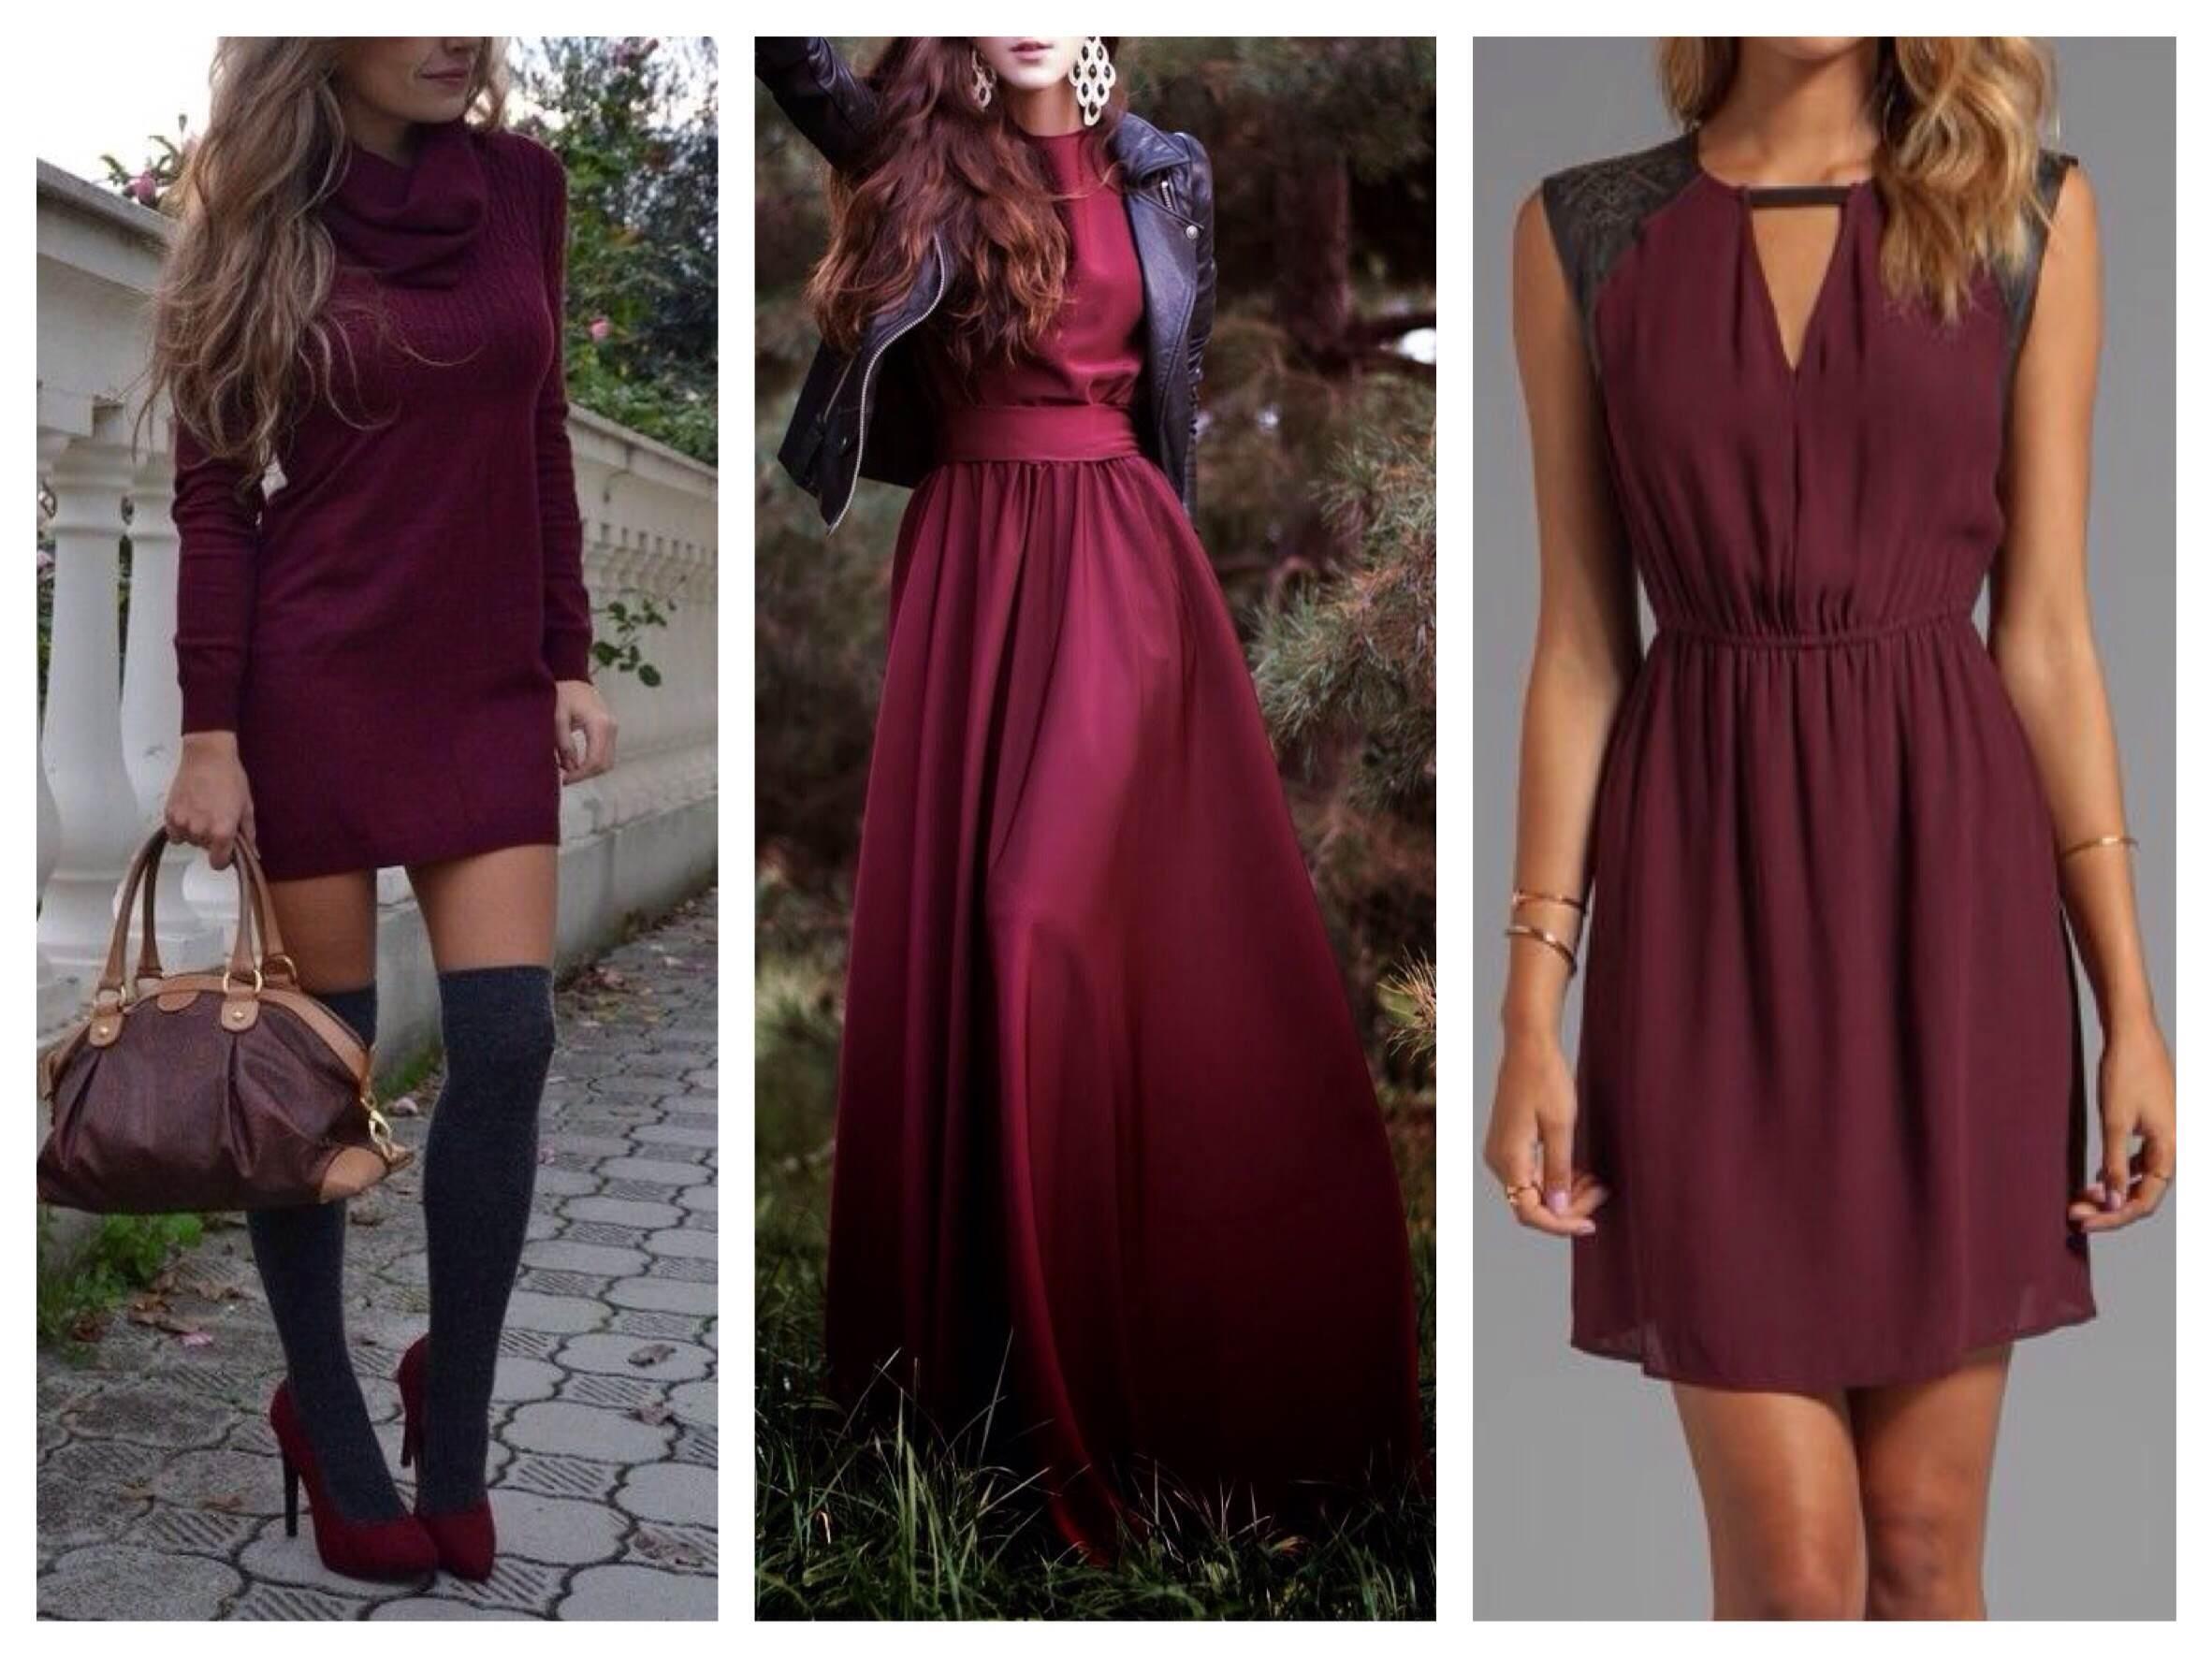 a43919ebd26e94a Вечернее и повседневное платье оттенков марсала